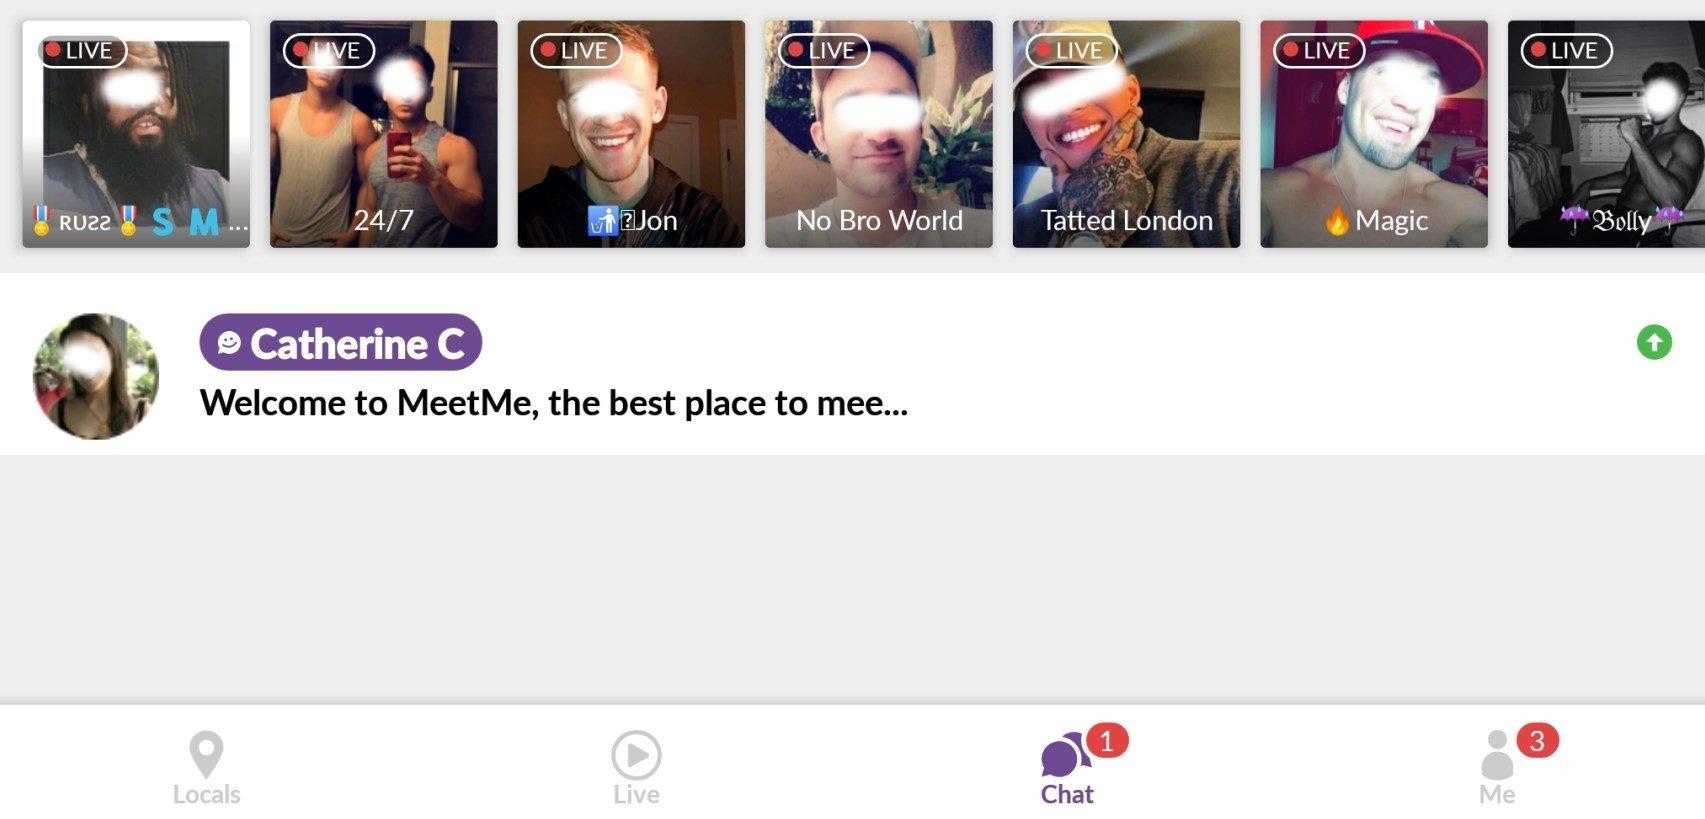 nuove app di appuntamenti per Android 16 anno vecchio dating uomo più vecchio